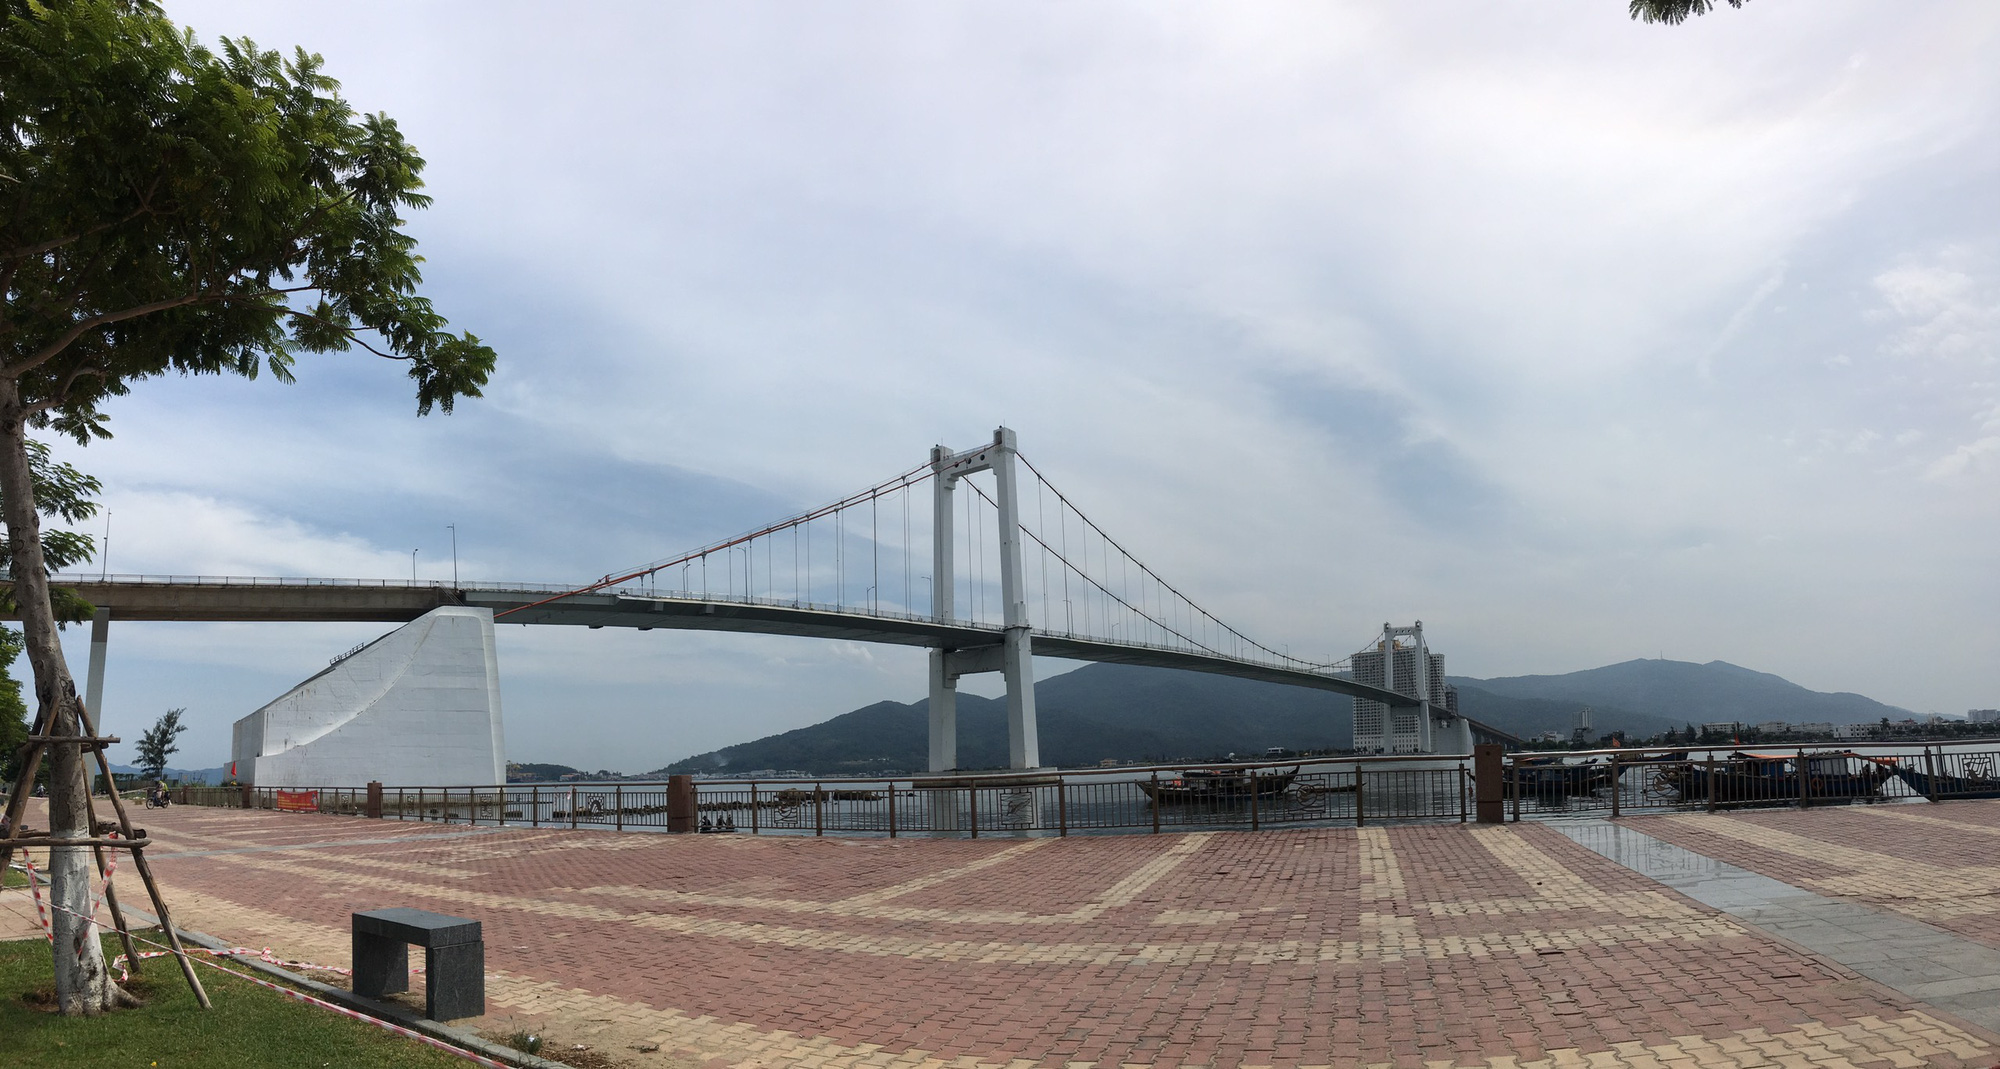 Ba khu đất sát sông Hàn, khu công nghiệp Thủy sản Đà Nẵng kêu gọi đầu tư - Ảnh 16.